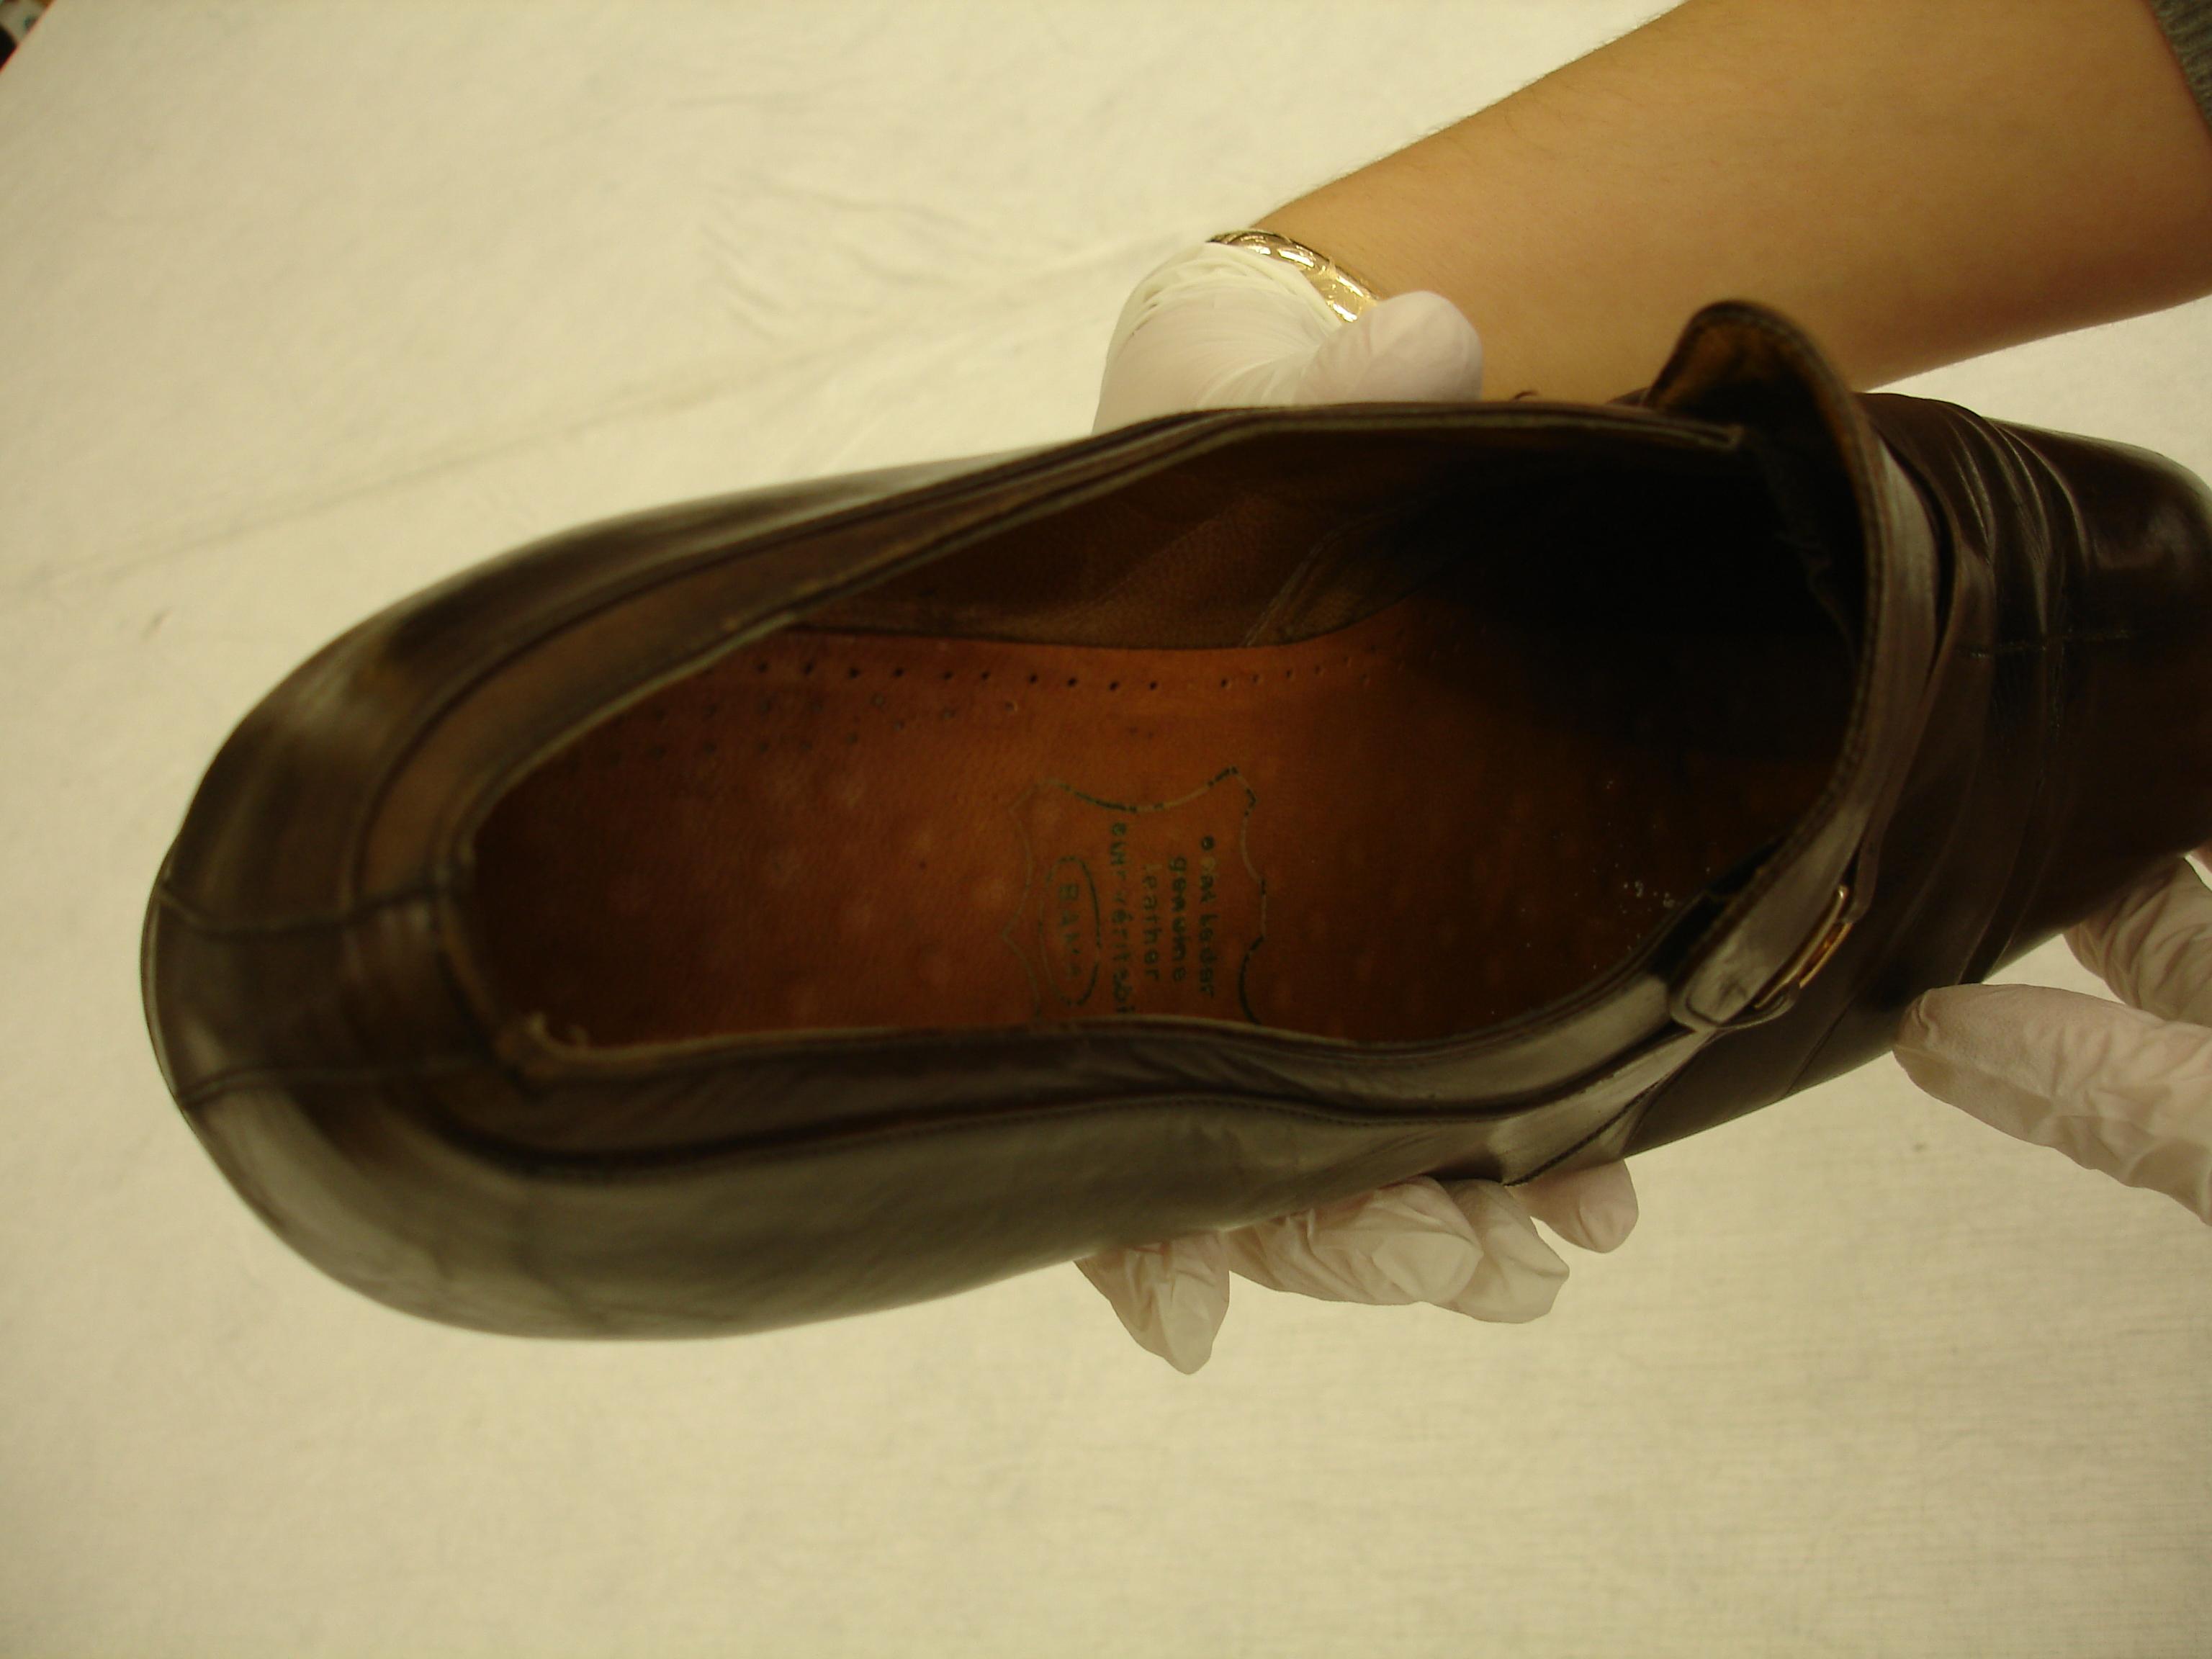 gloved hands handling old shoe